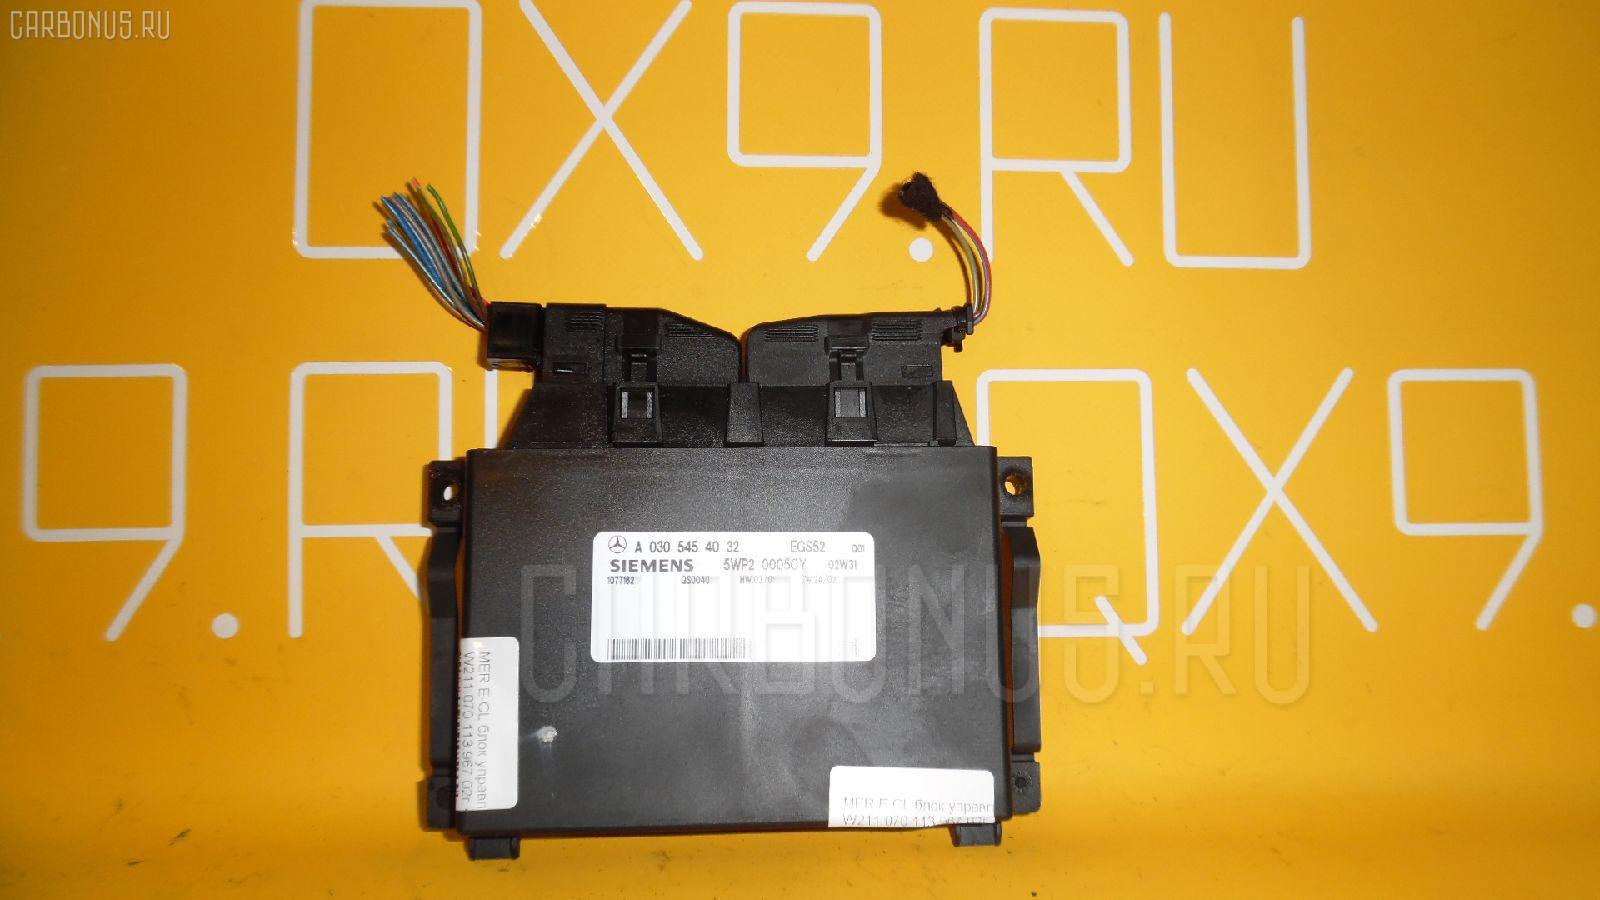 Блок управления АКПП MERCEDES-BENZ E-CLASS W211.070 113.967 Фото 3